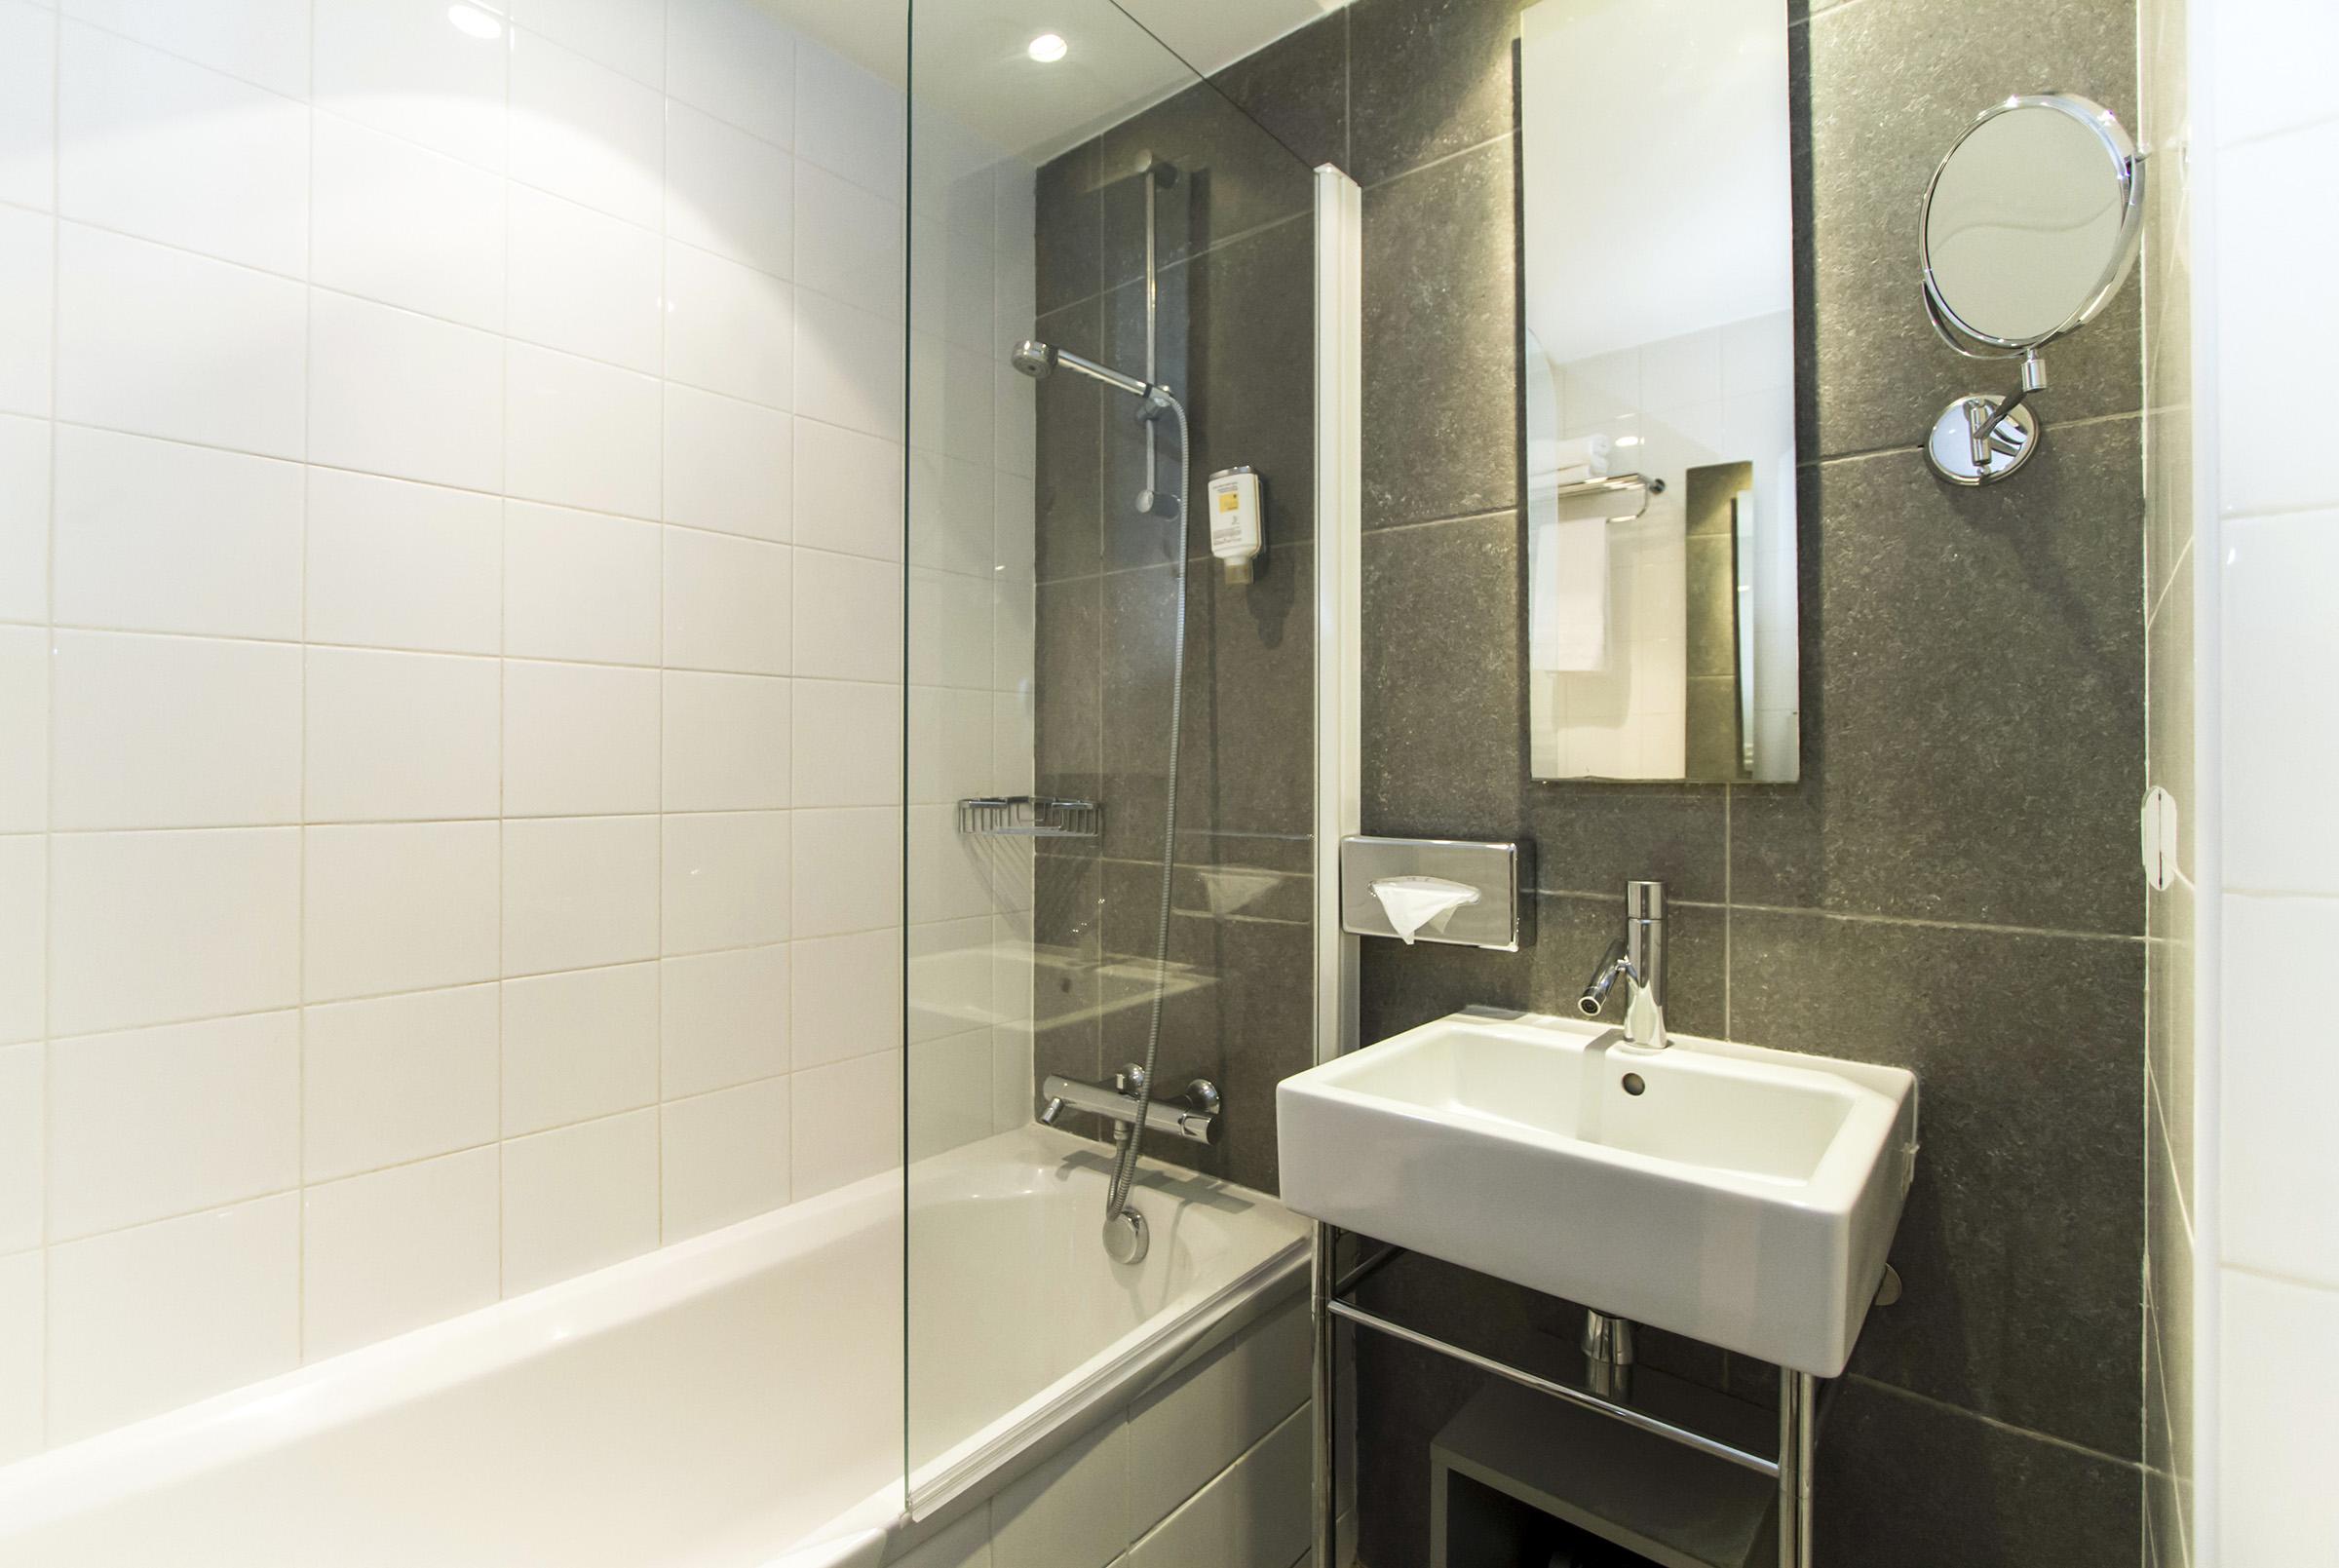 Appartement mansardé 46 m² - Attic apartment with 1 bedroom 46sqm